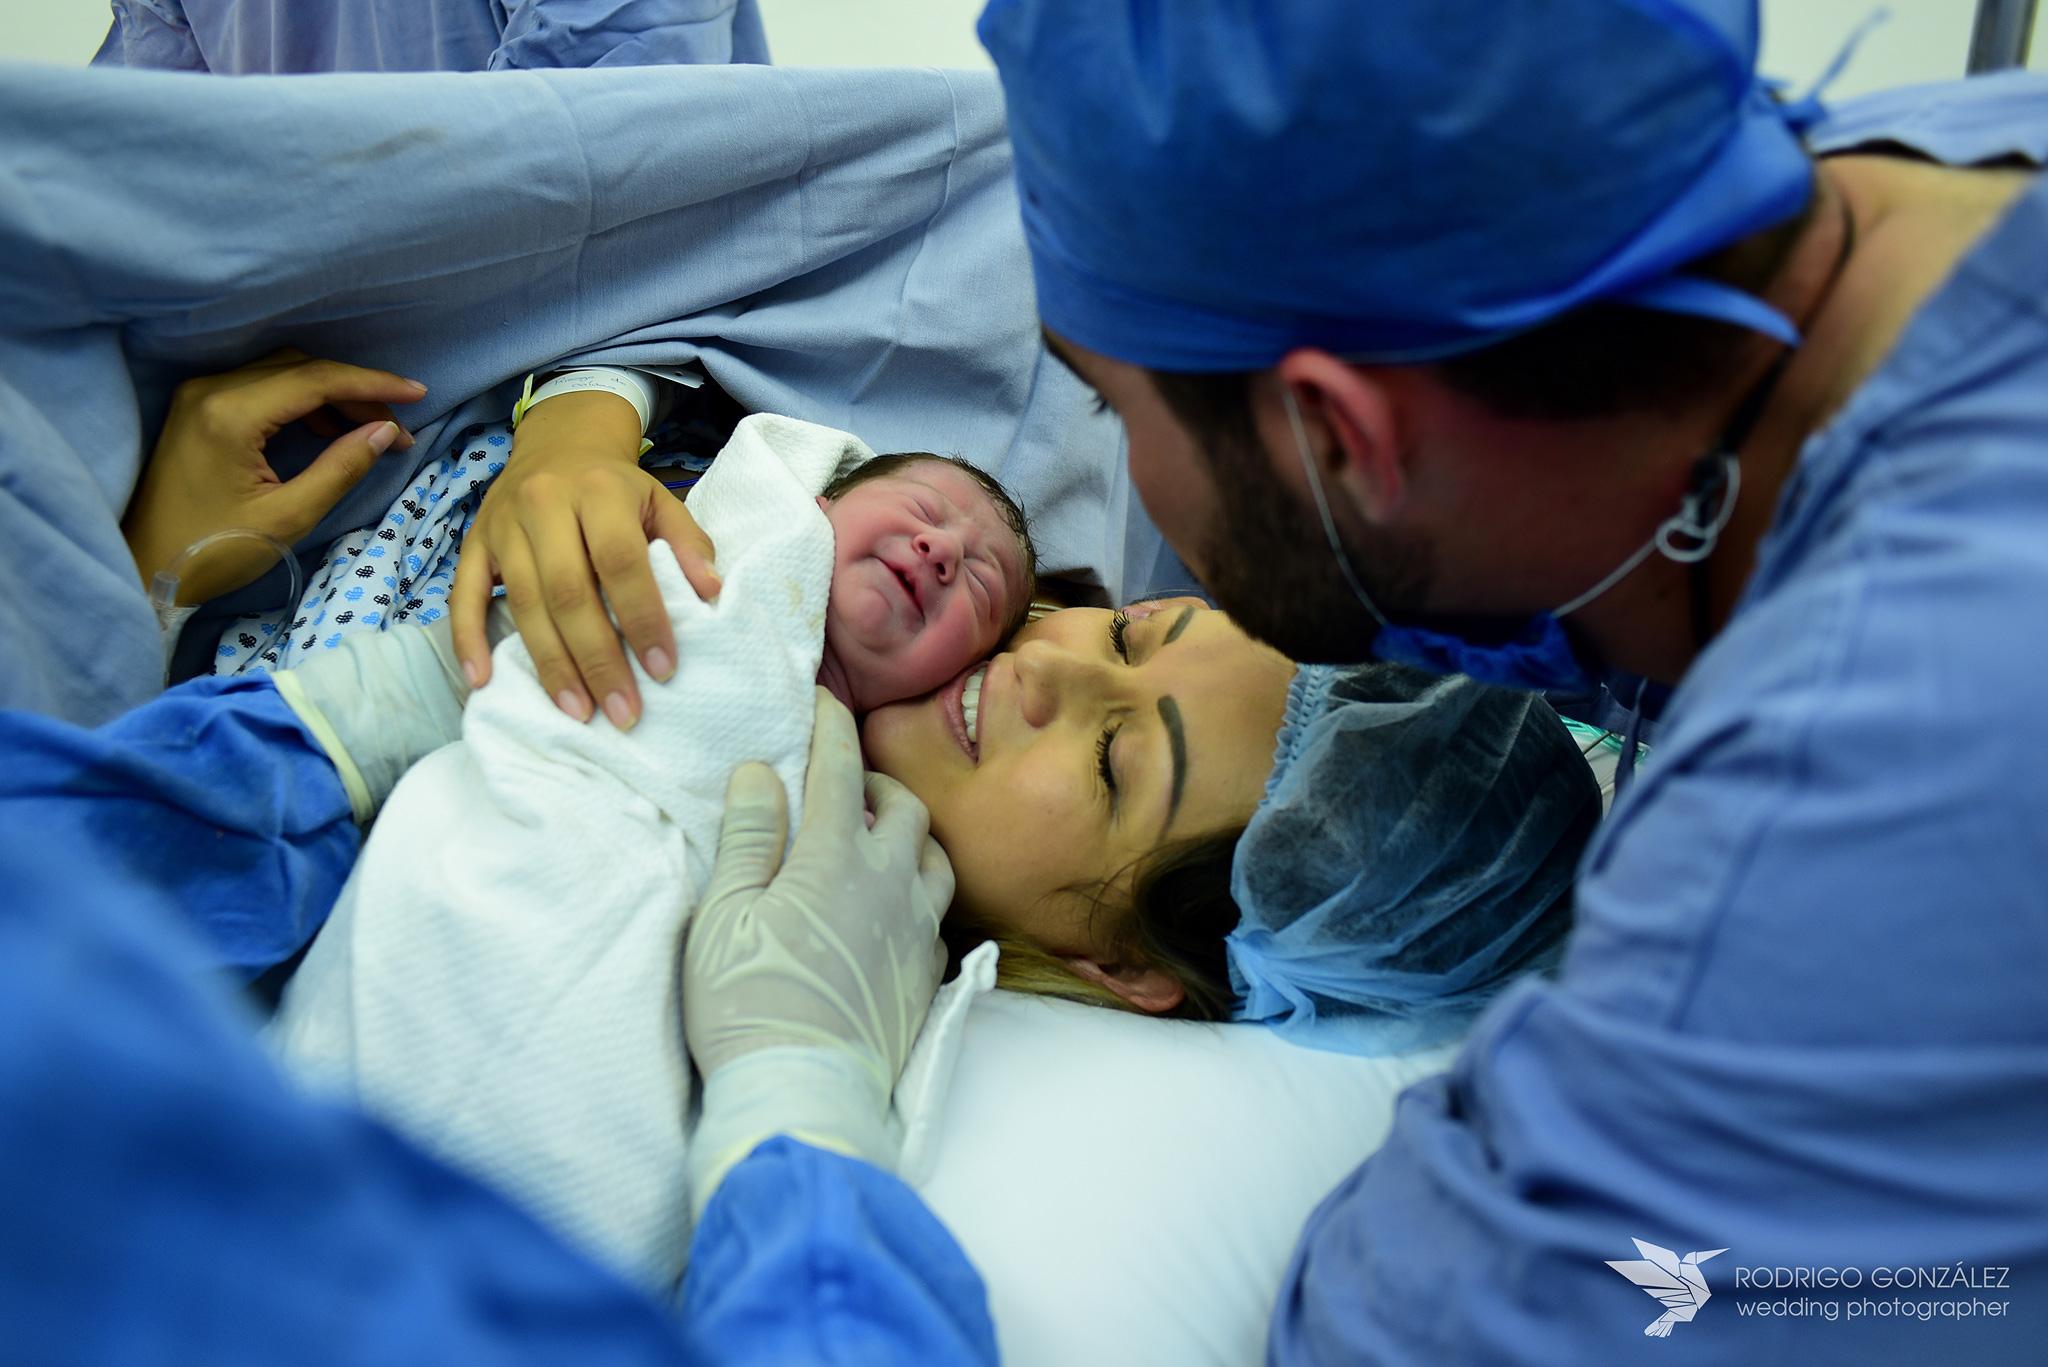 fotografia-de-nacimiento-hospital-puebla-mexico-128